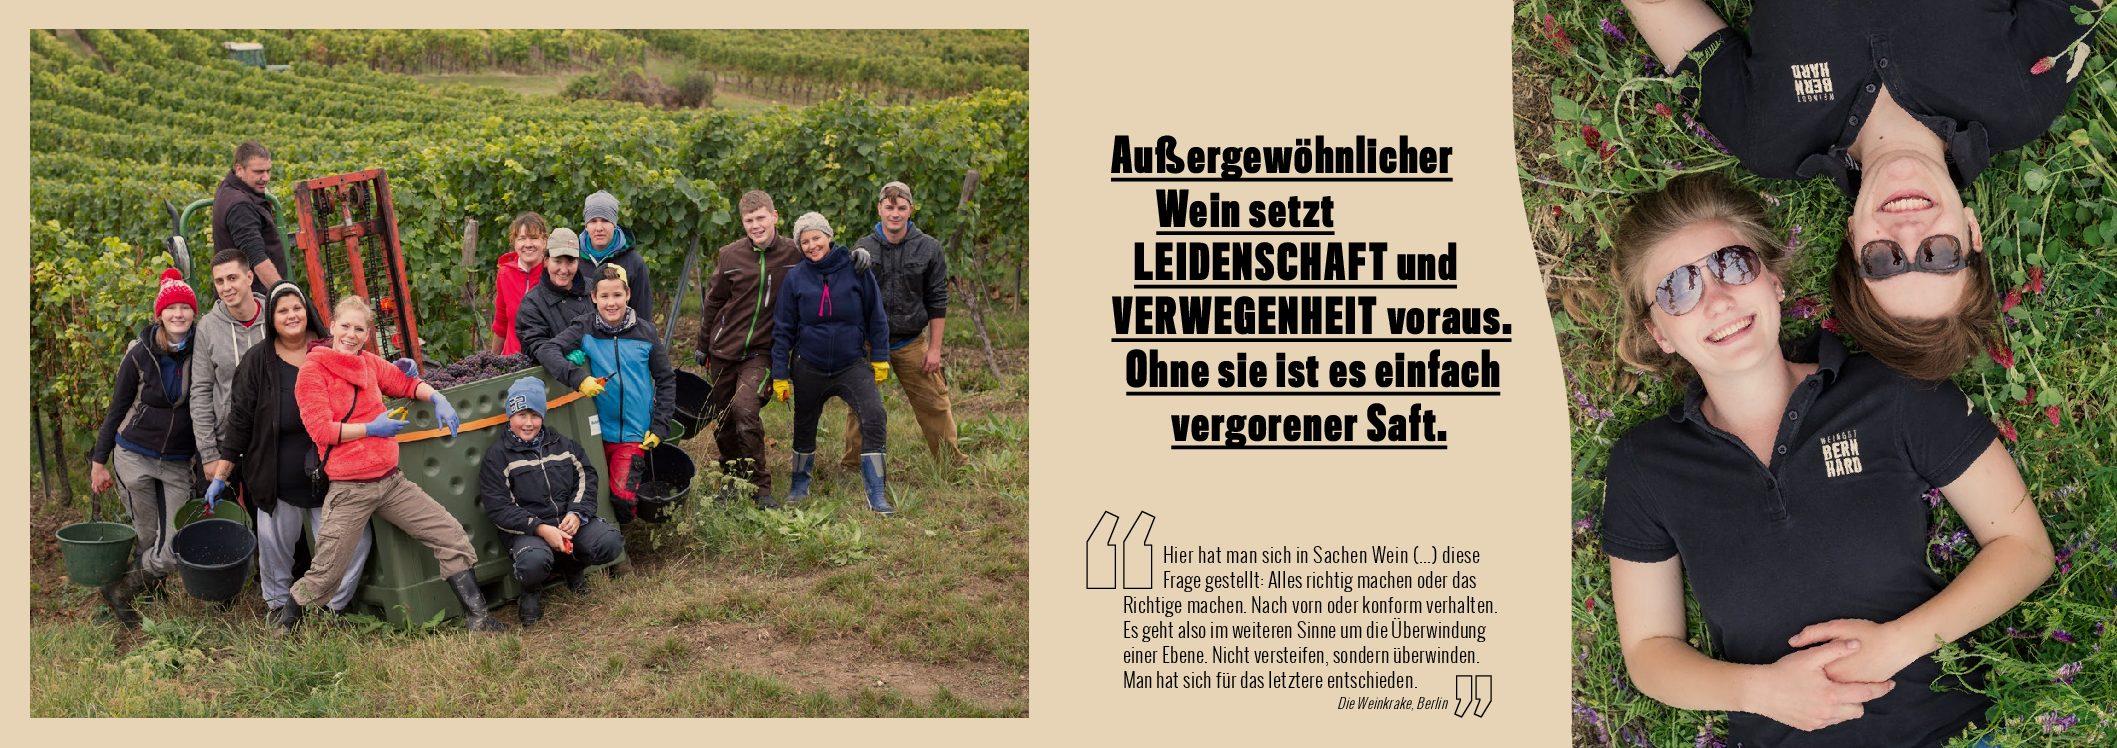 170123-Image-Brosch-Bernhard-A5quer-lay_rs 2